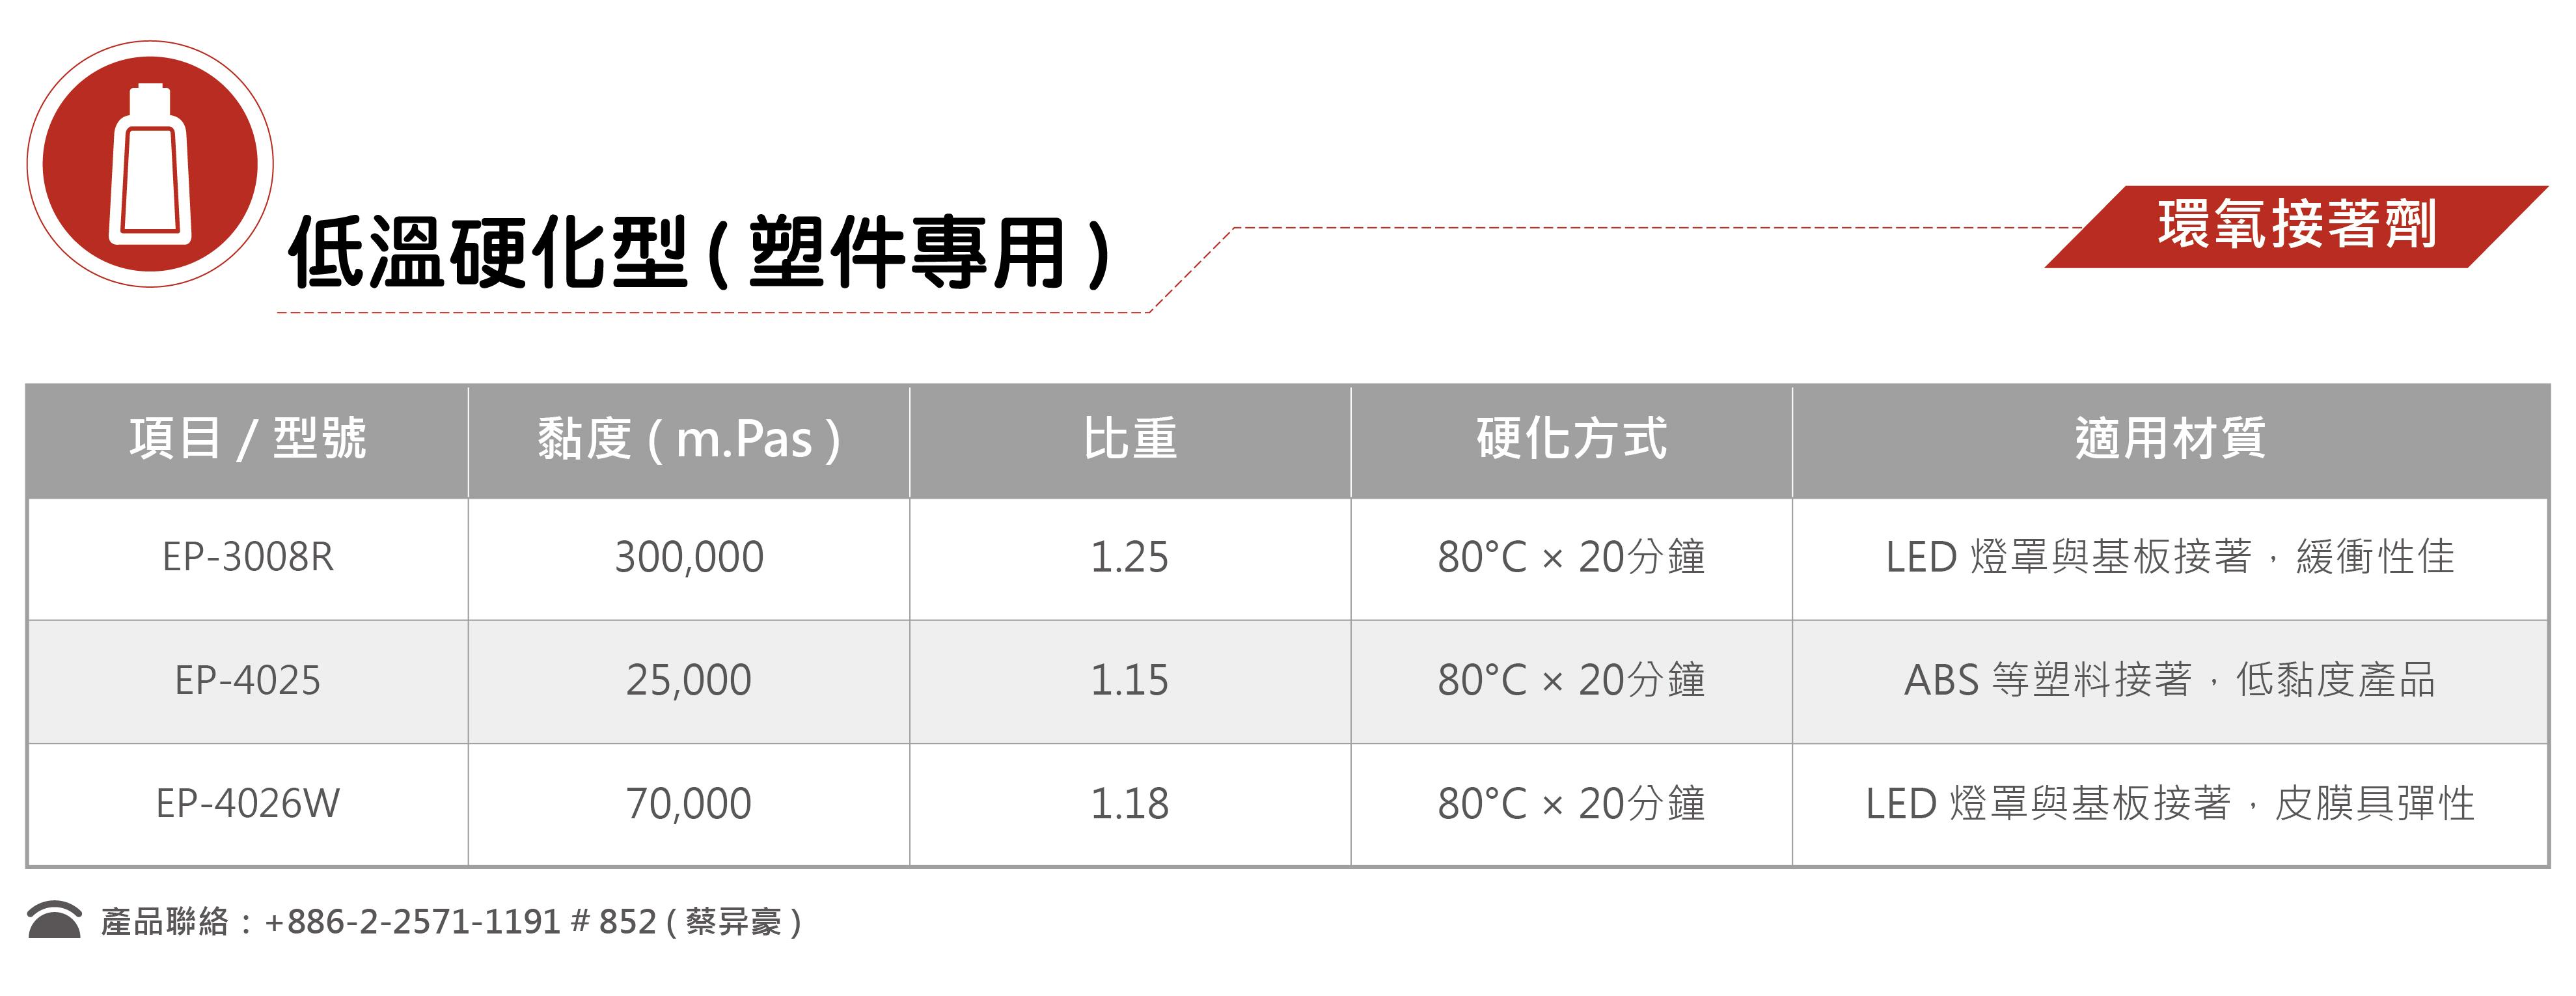 2-4低溫硬化型(塑件專用)